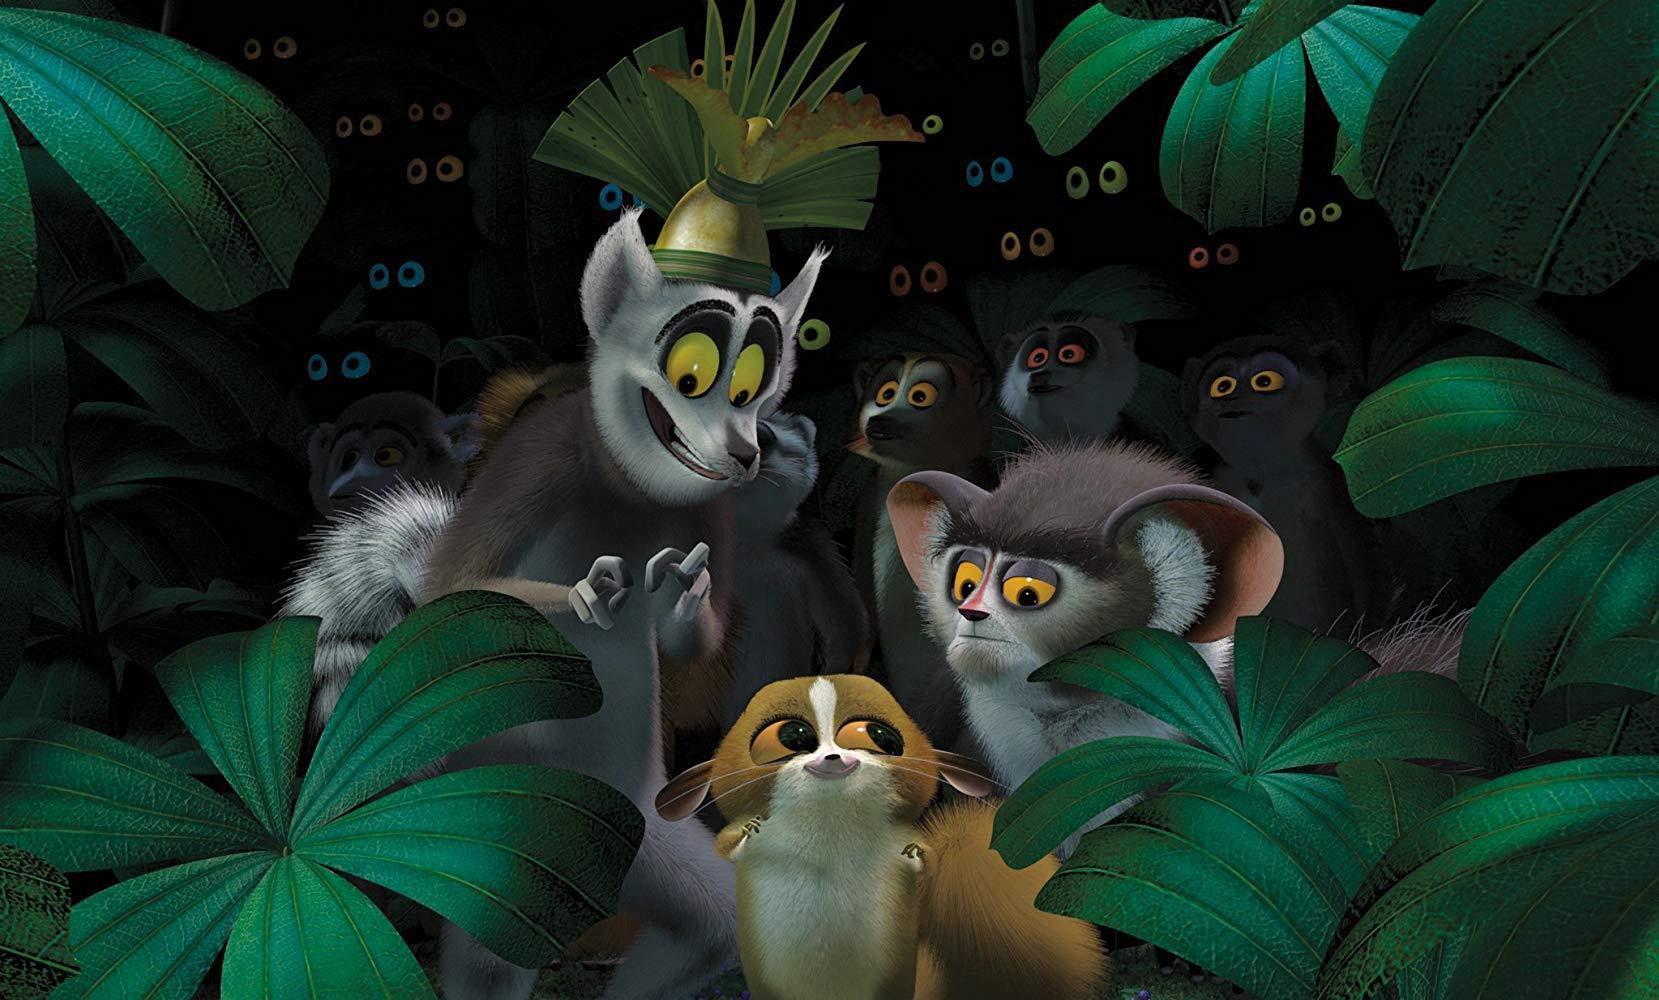 Top 5 phim hoạt hình về động vật ngộ nghĩnh, đáng yêu và dễ thương